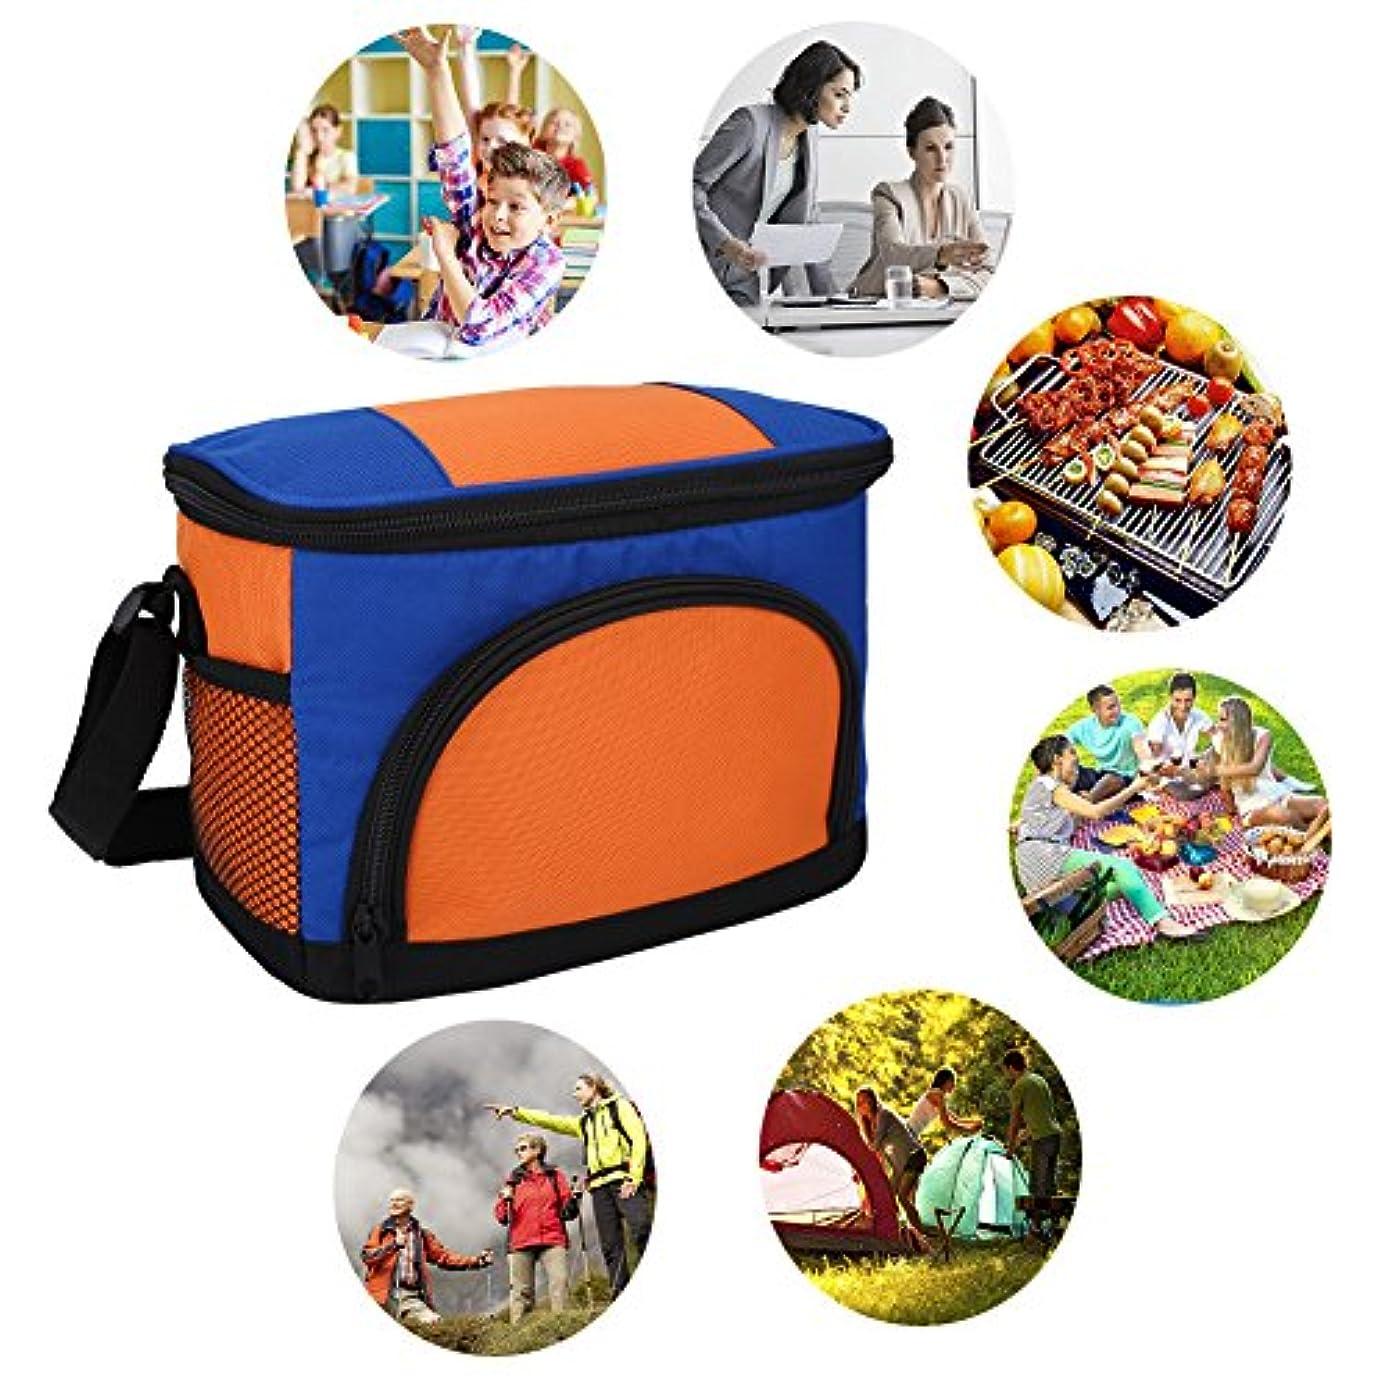 レギュラー立ち向かう屋外ファッショナブルな多機能ピクニックランチ熱ボックス再利用可能な学校のストレージバッグ(橙色)